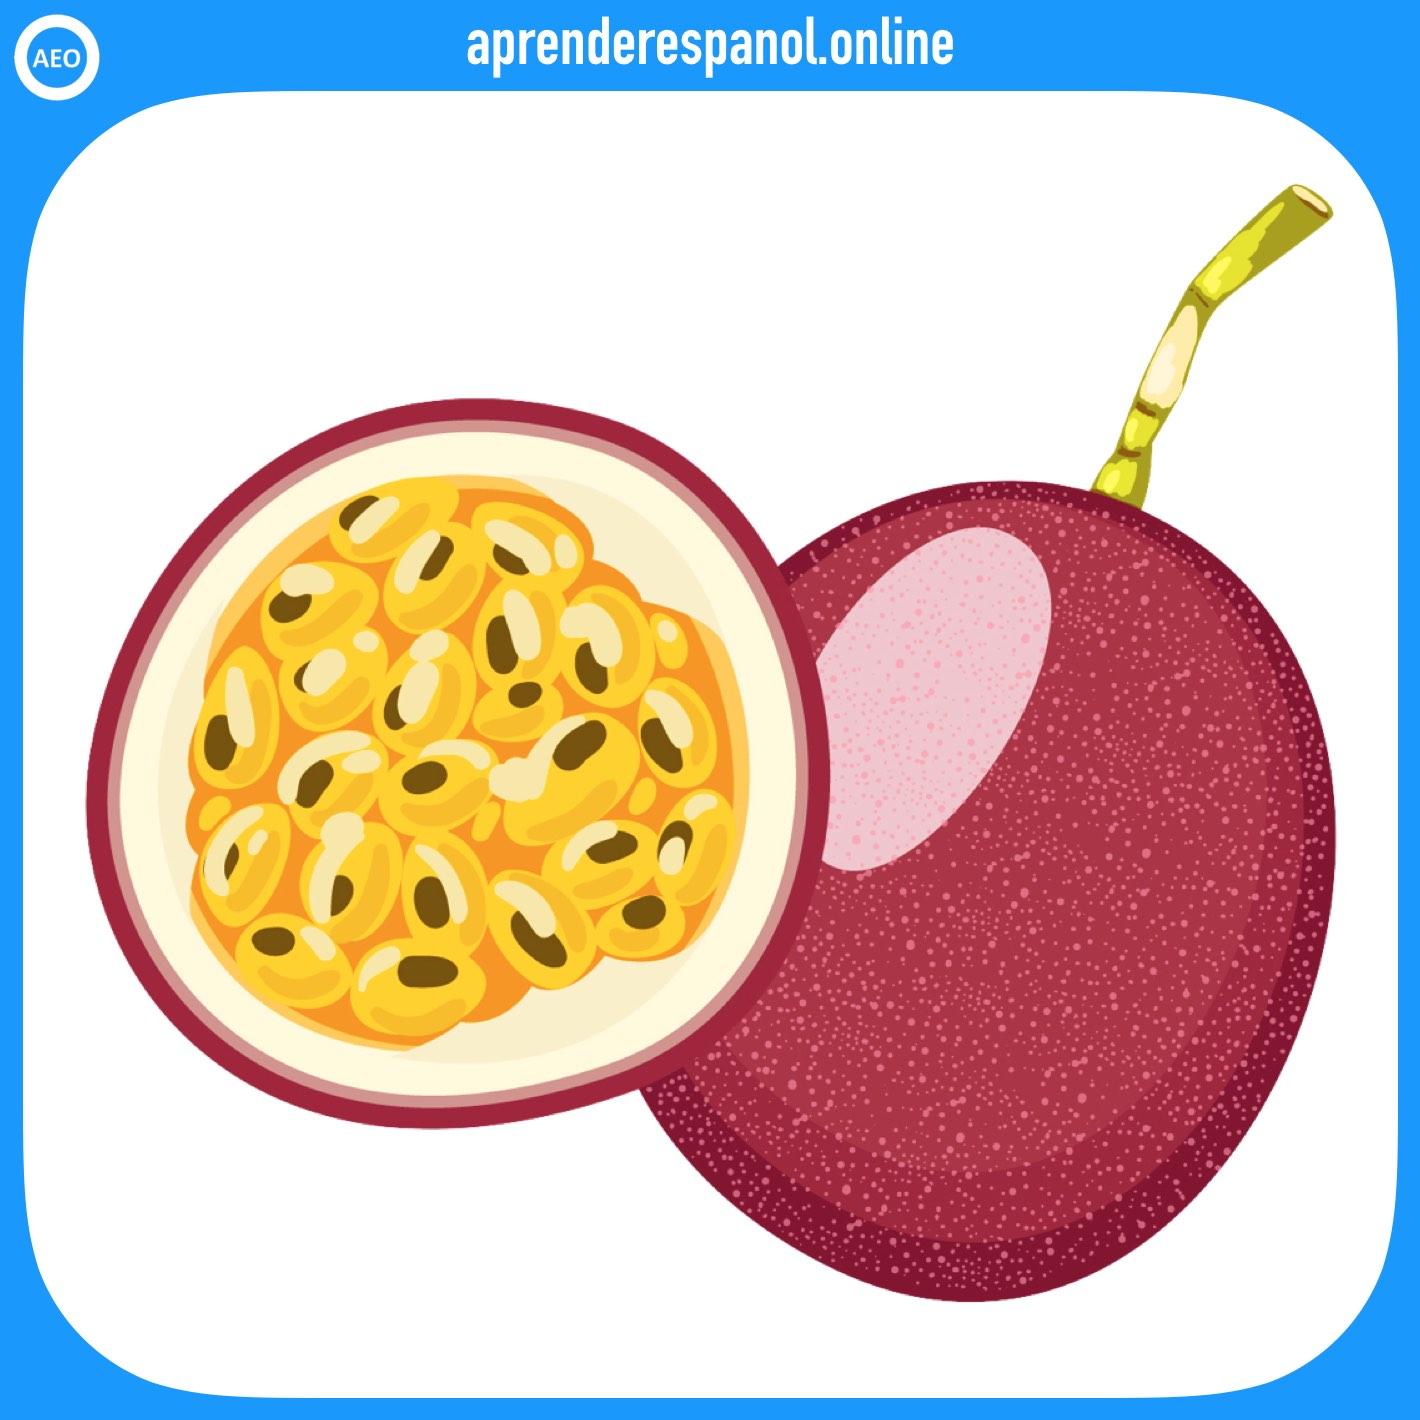 maracuyá - frutas en español - vocabulario de las frutas en español